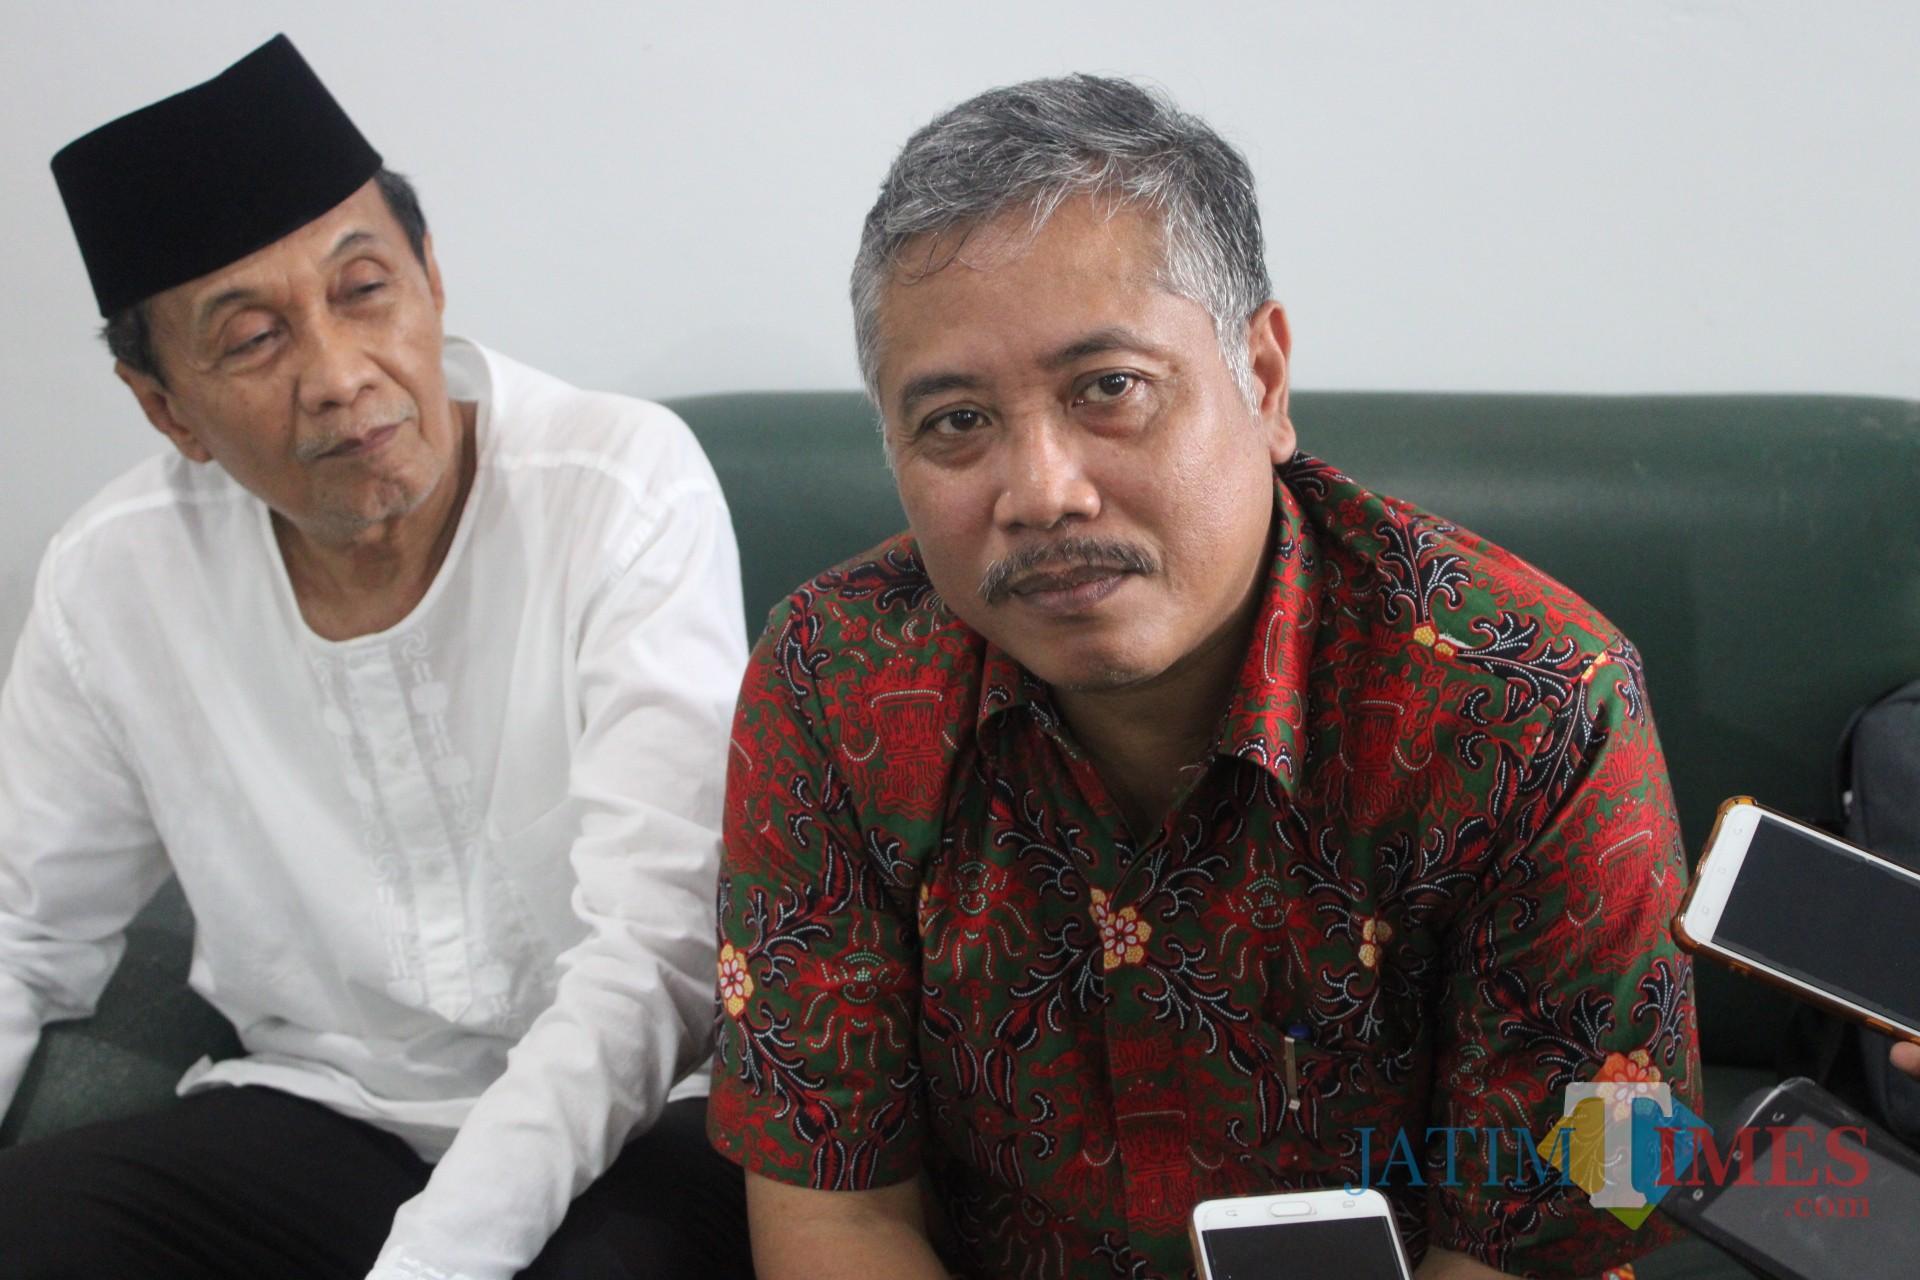 mengenakan kemeja batik berwarna merah, kuasa hukum yayasan Undar Jombang, Sholikin Rusli saat diwawancarai sejumlah awak media. (Foto : Adi Rosul / JombangTIMES)